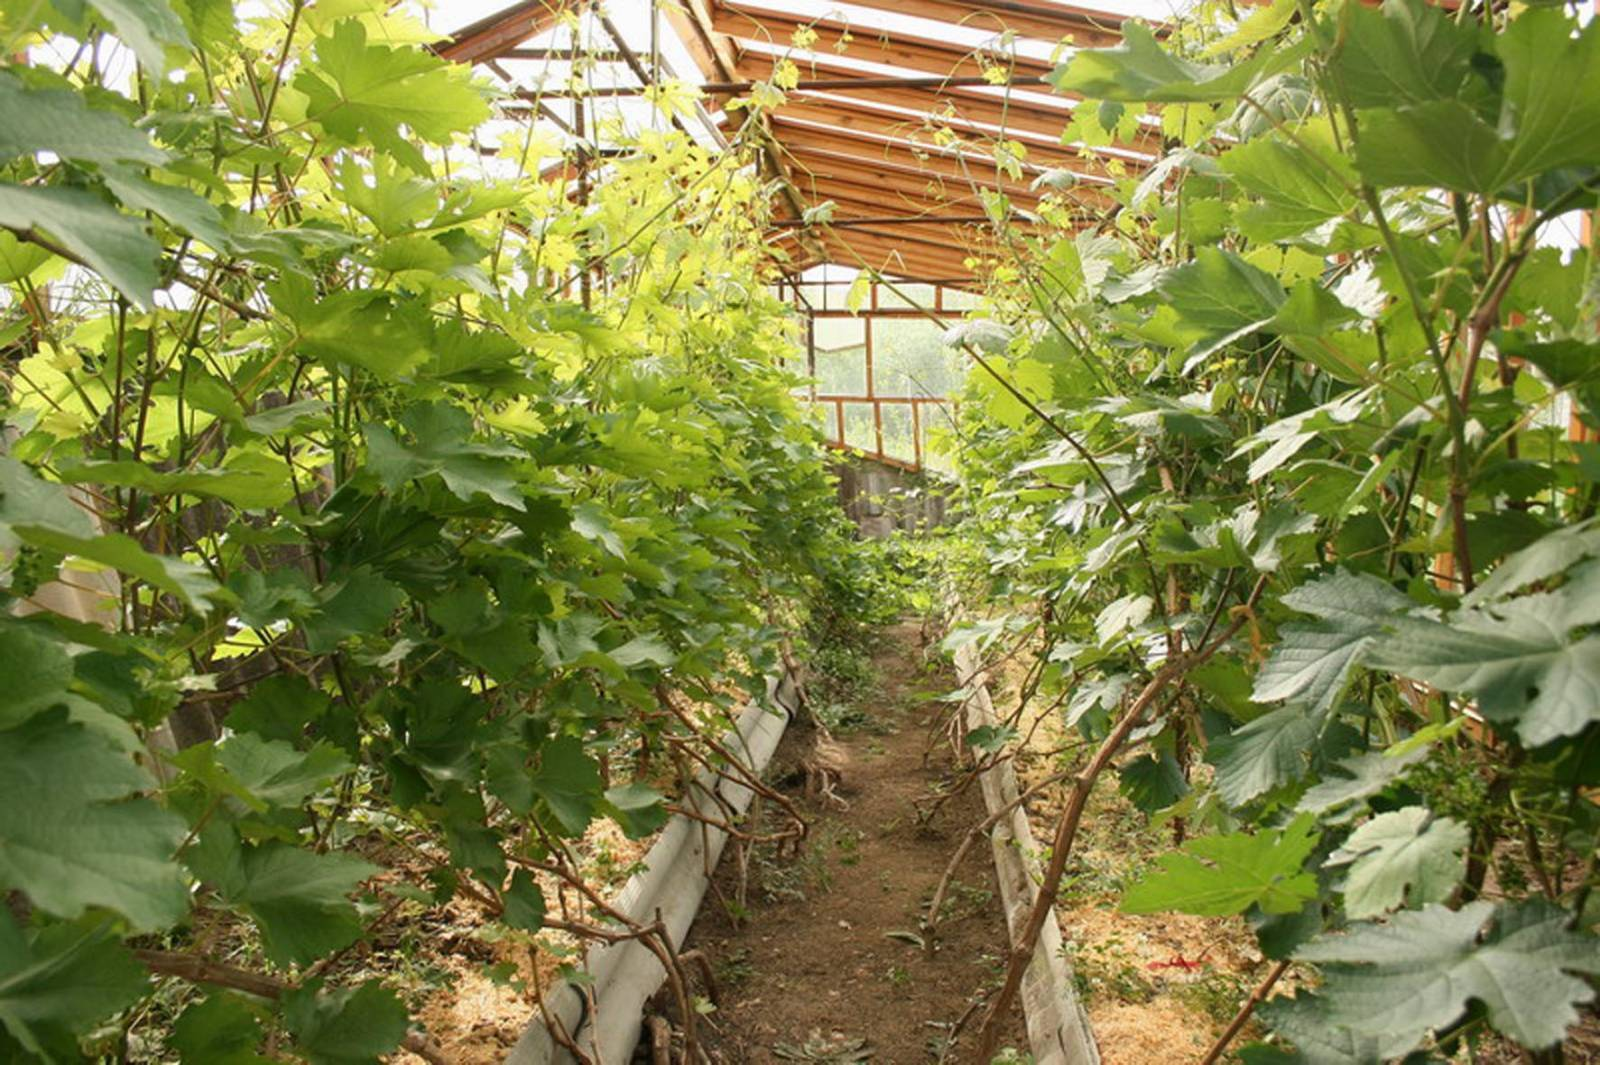 На каком расстоянии сажать виноград друг от друга: как правильно посадить виноград? пошаговая инструкция для начинающих (125 фото)